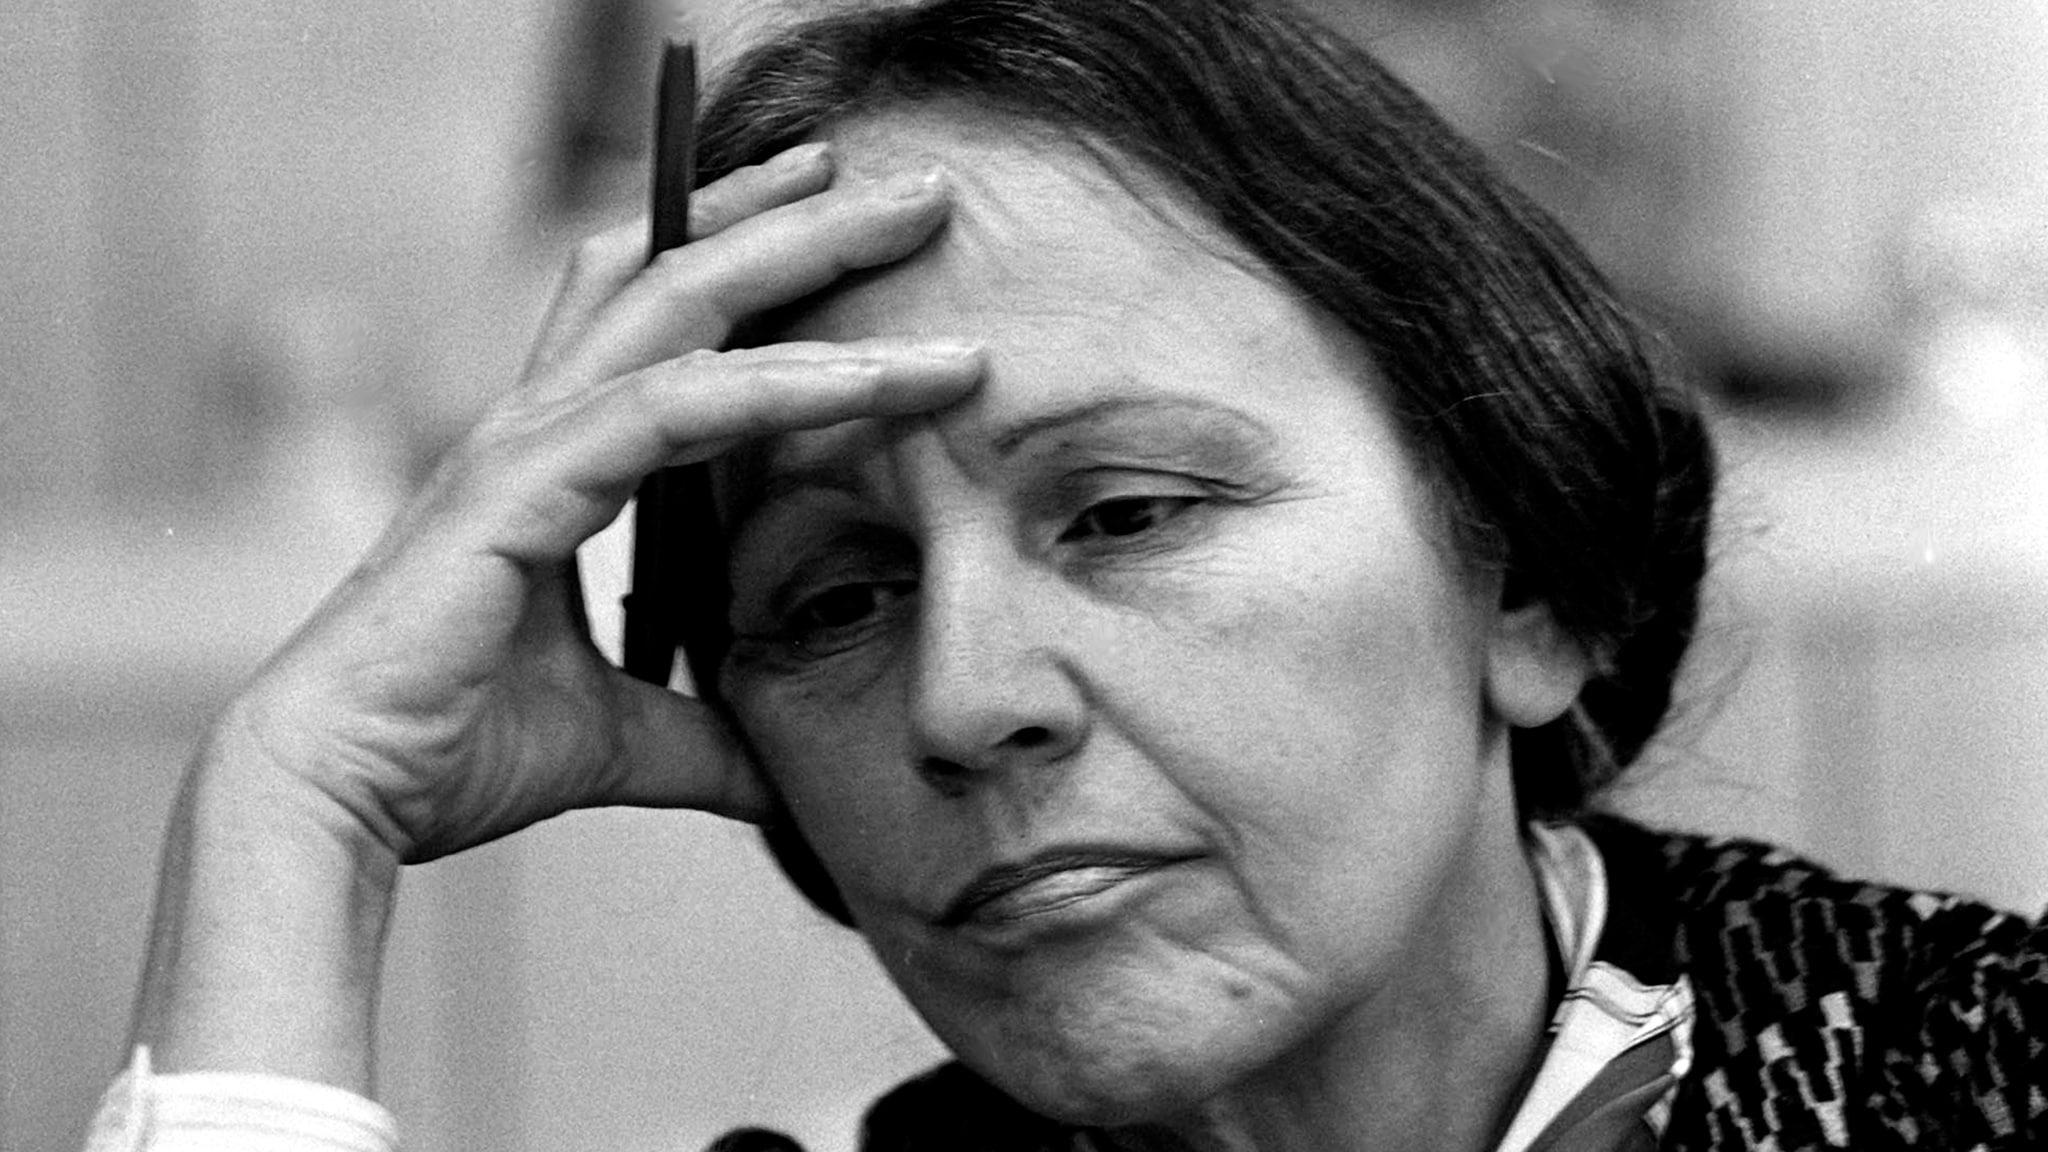 Rai Storia Italiani con Paolo Mieli - Leonilde Iotti detta Nilde - La donna, l'onorevole, la presidente